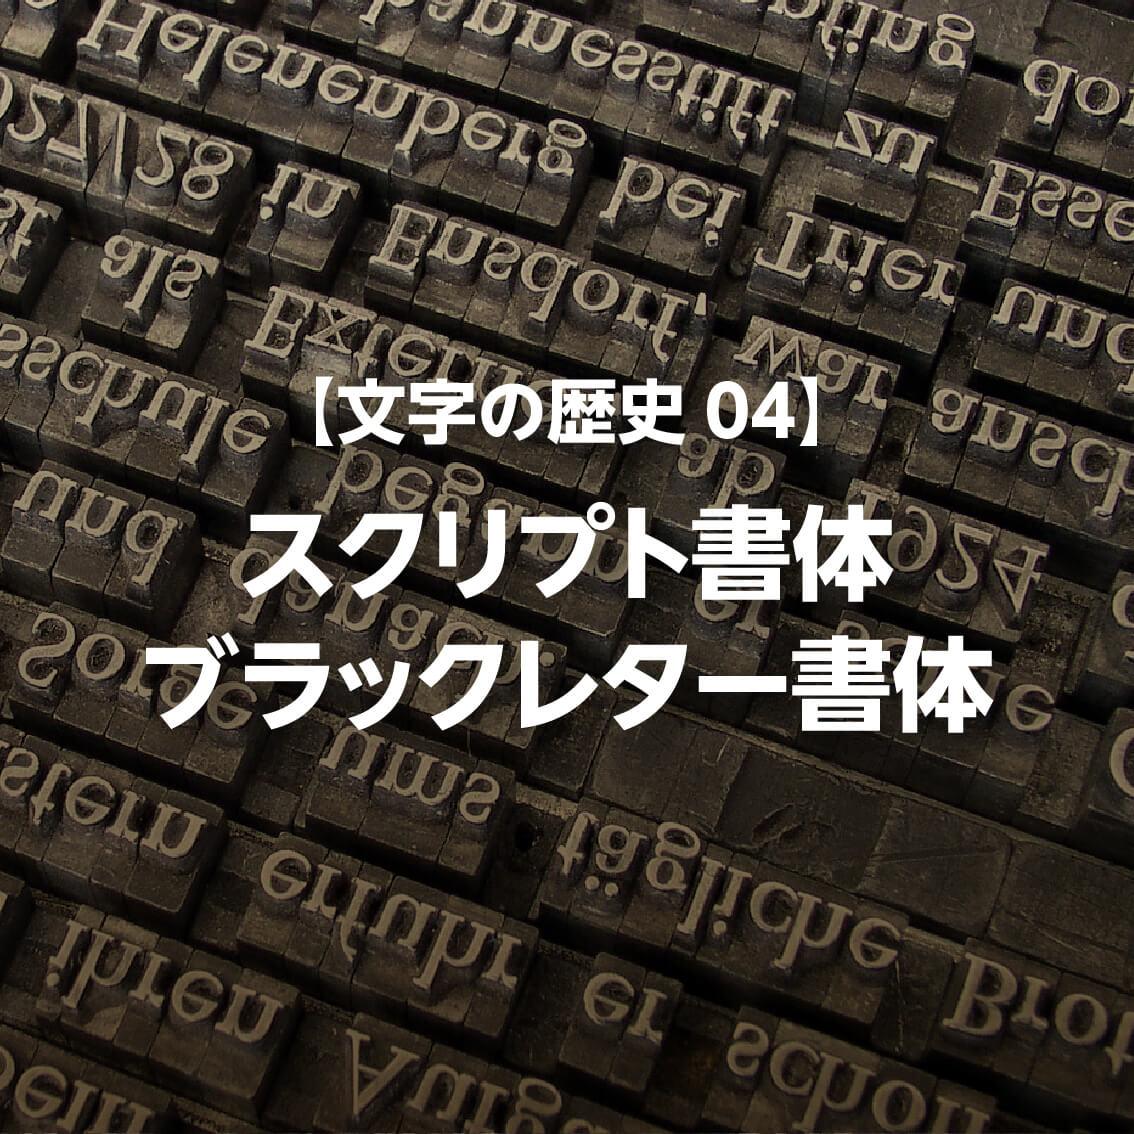 【文字の歴史4】 スクリプト書体・ブラックレター書体